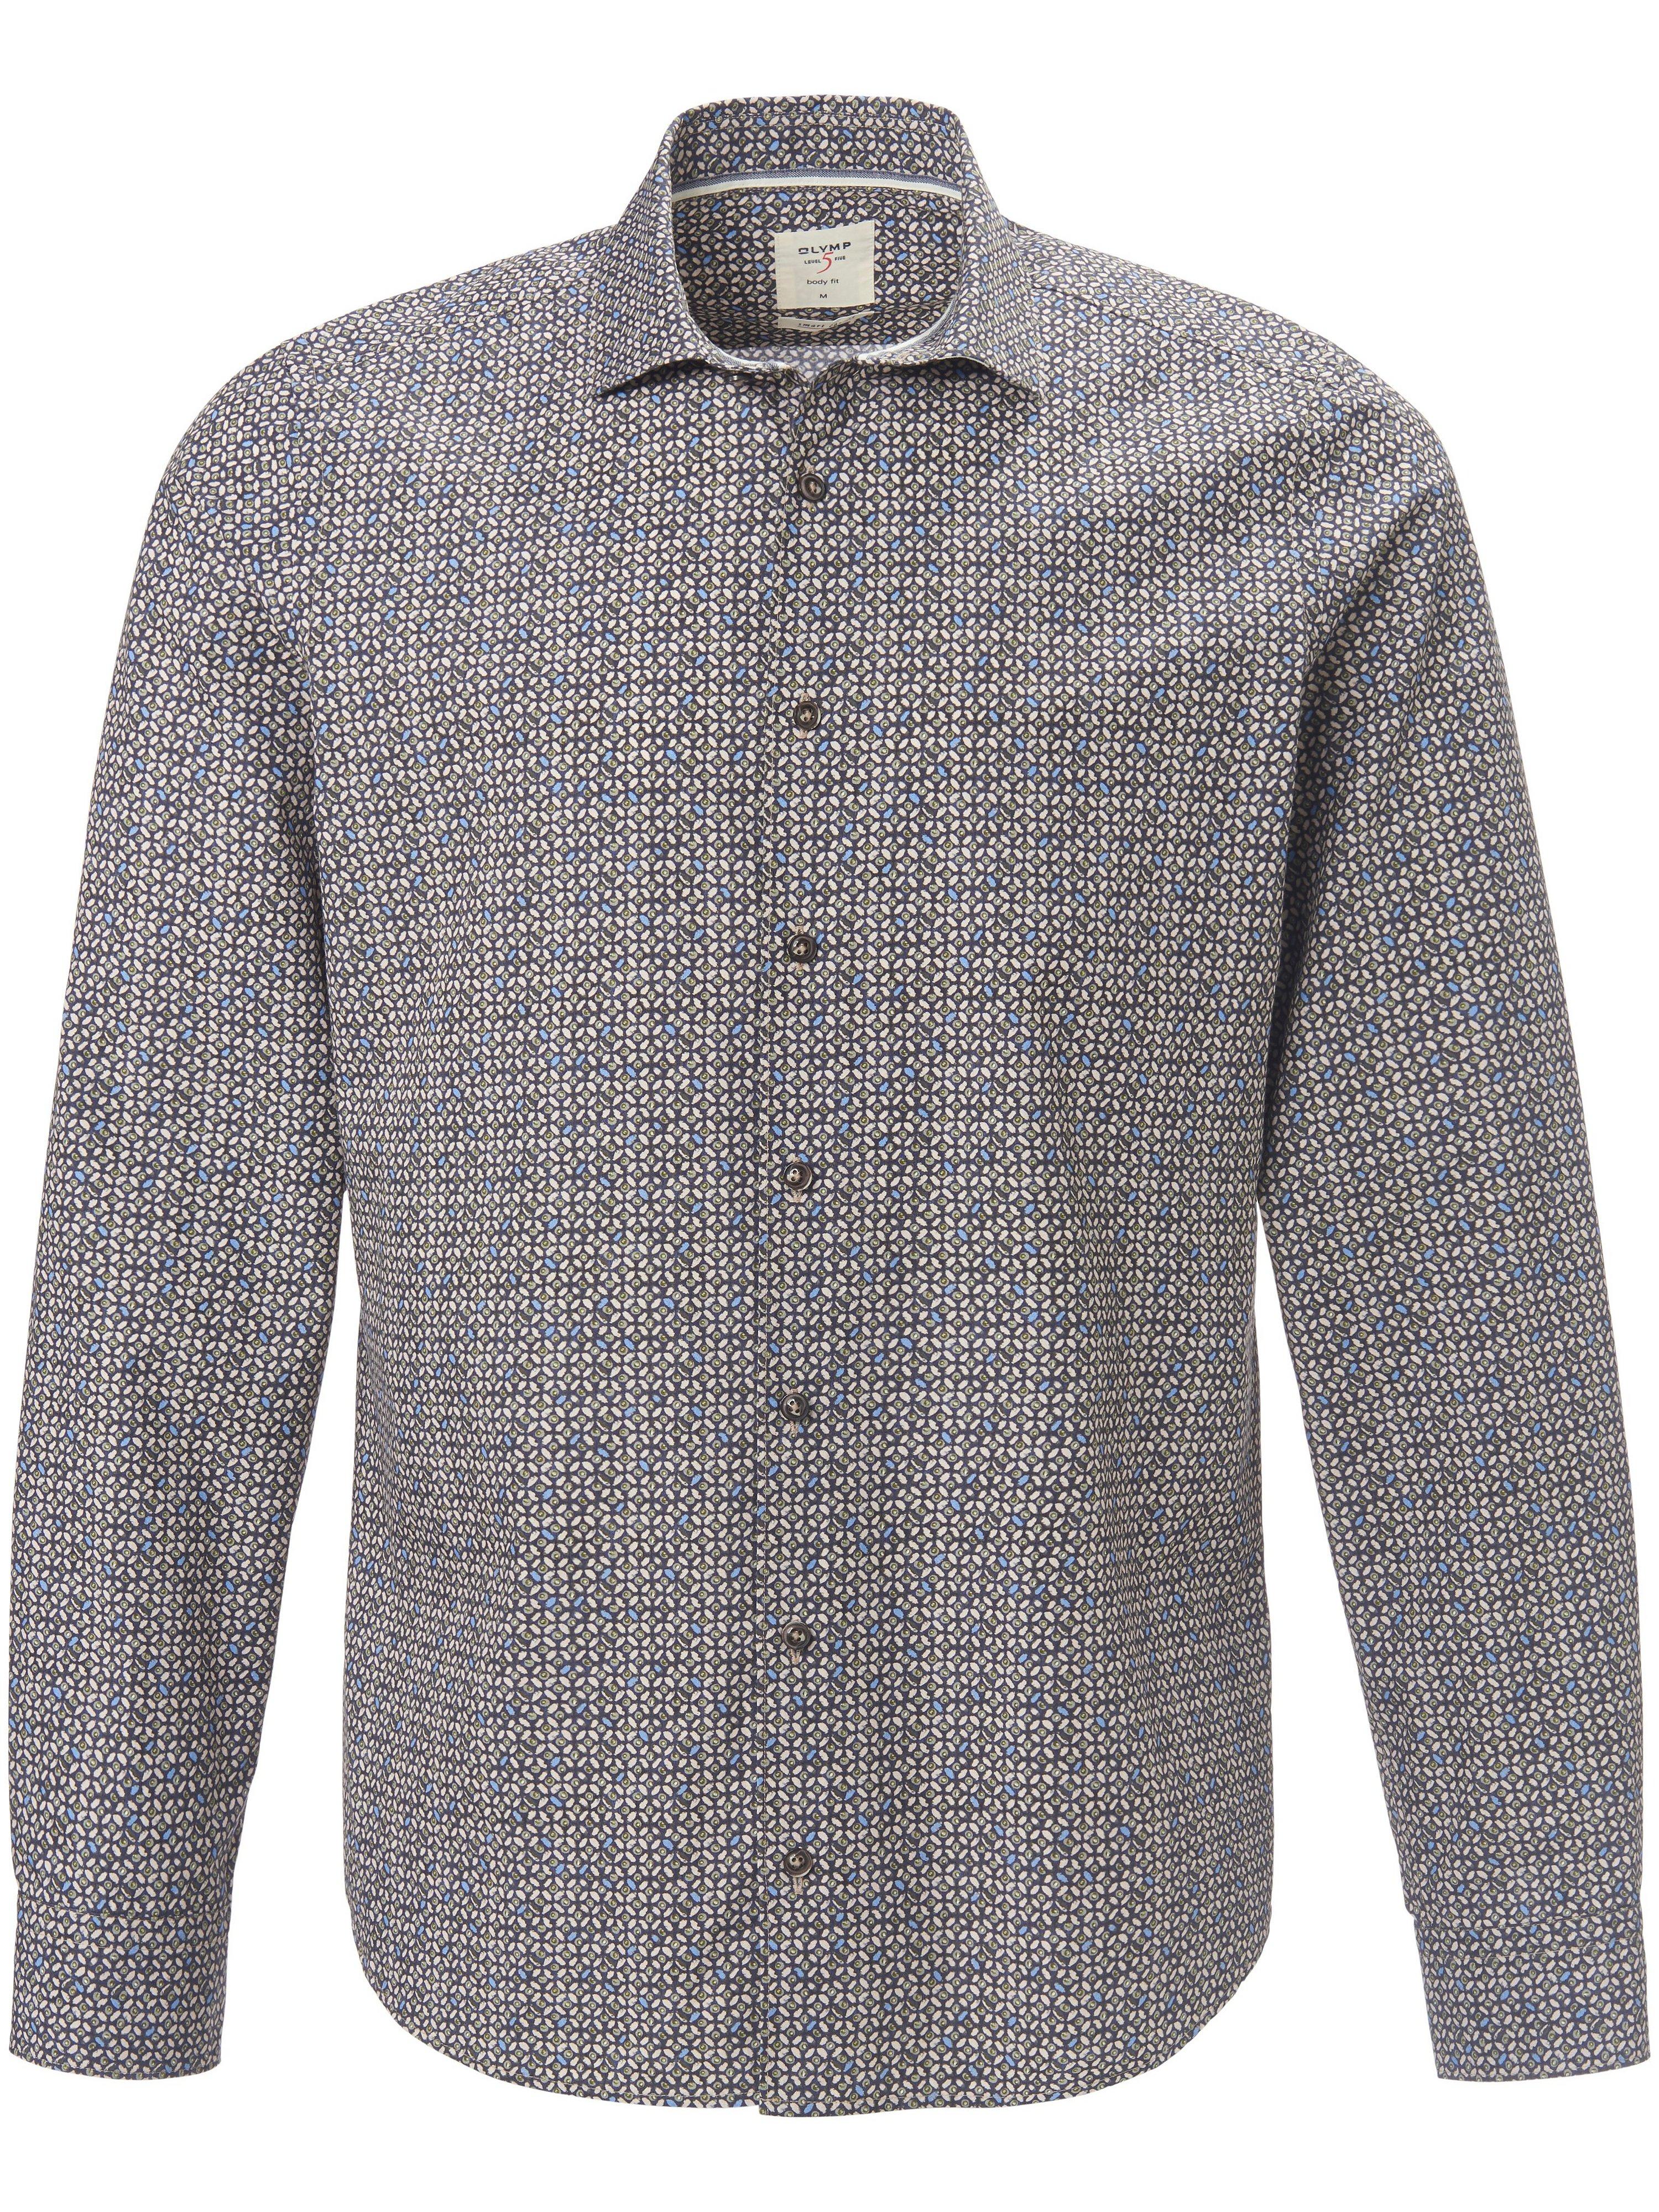 Overhemd 100% katoen Slim Fit Van Olymp groen